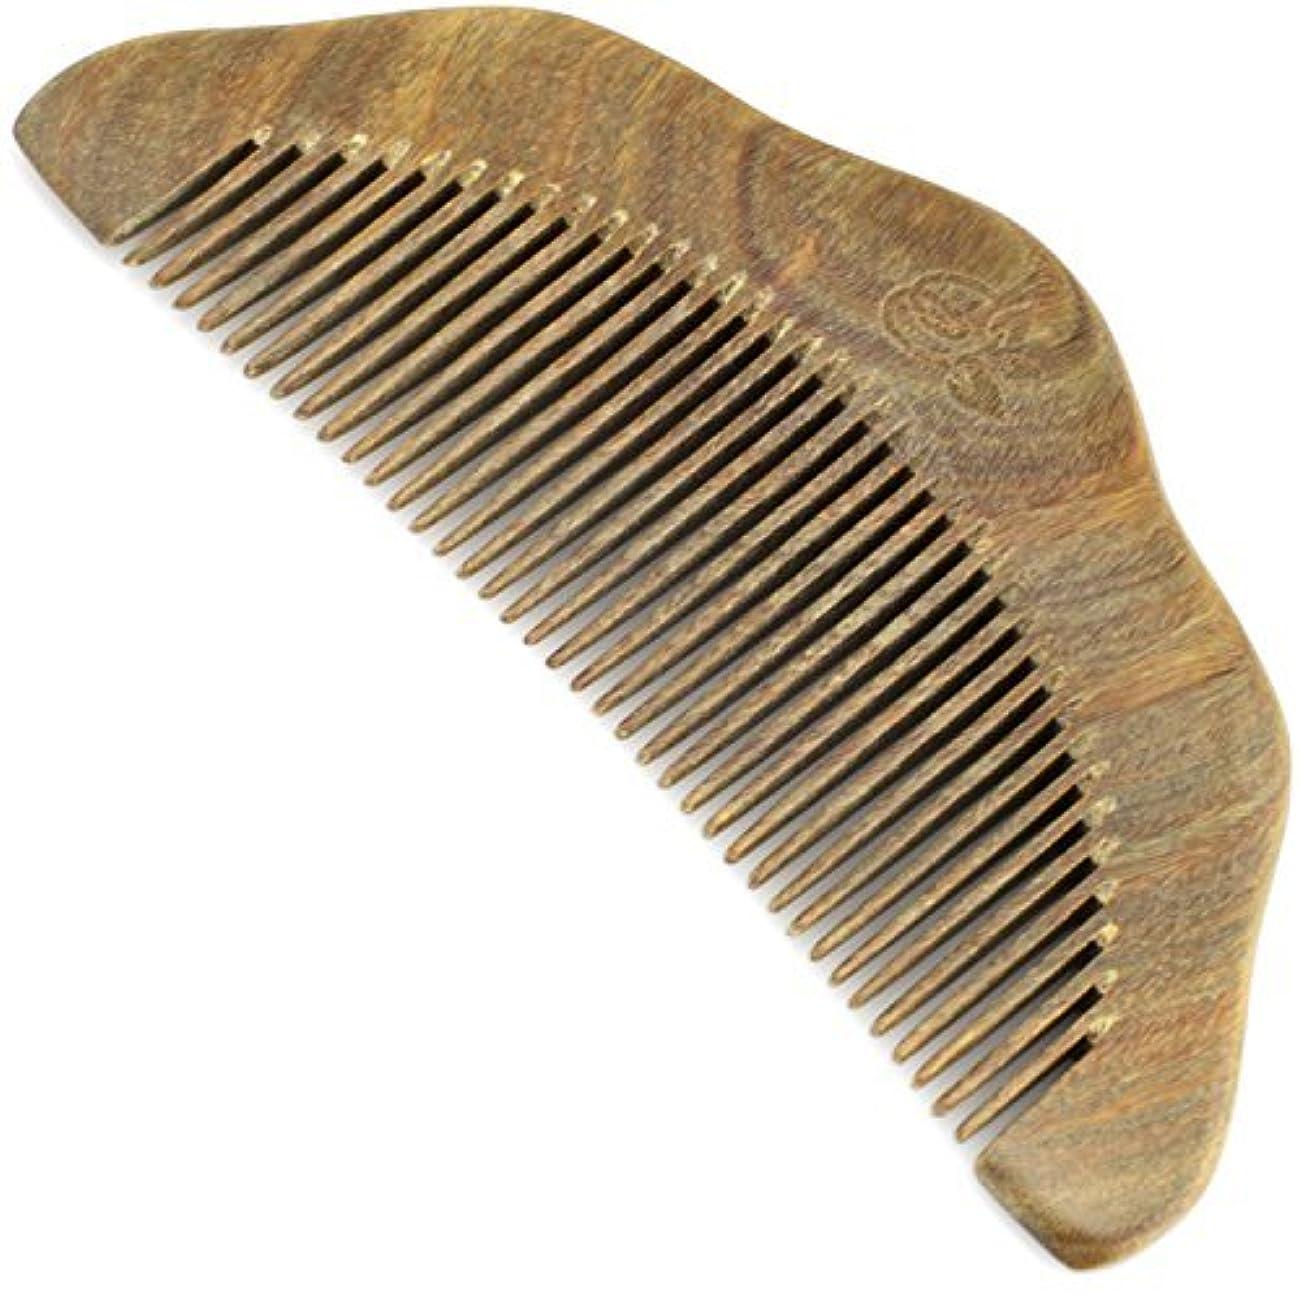 テキストボウリング弱いEvolatree Wood Comb for Hair - Handmade Natural Wooden Combs with Anti-static & No Snag - Smoothing Vanity Comb, Fine Tooth, 5